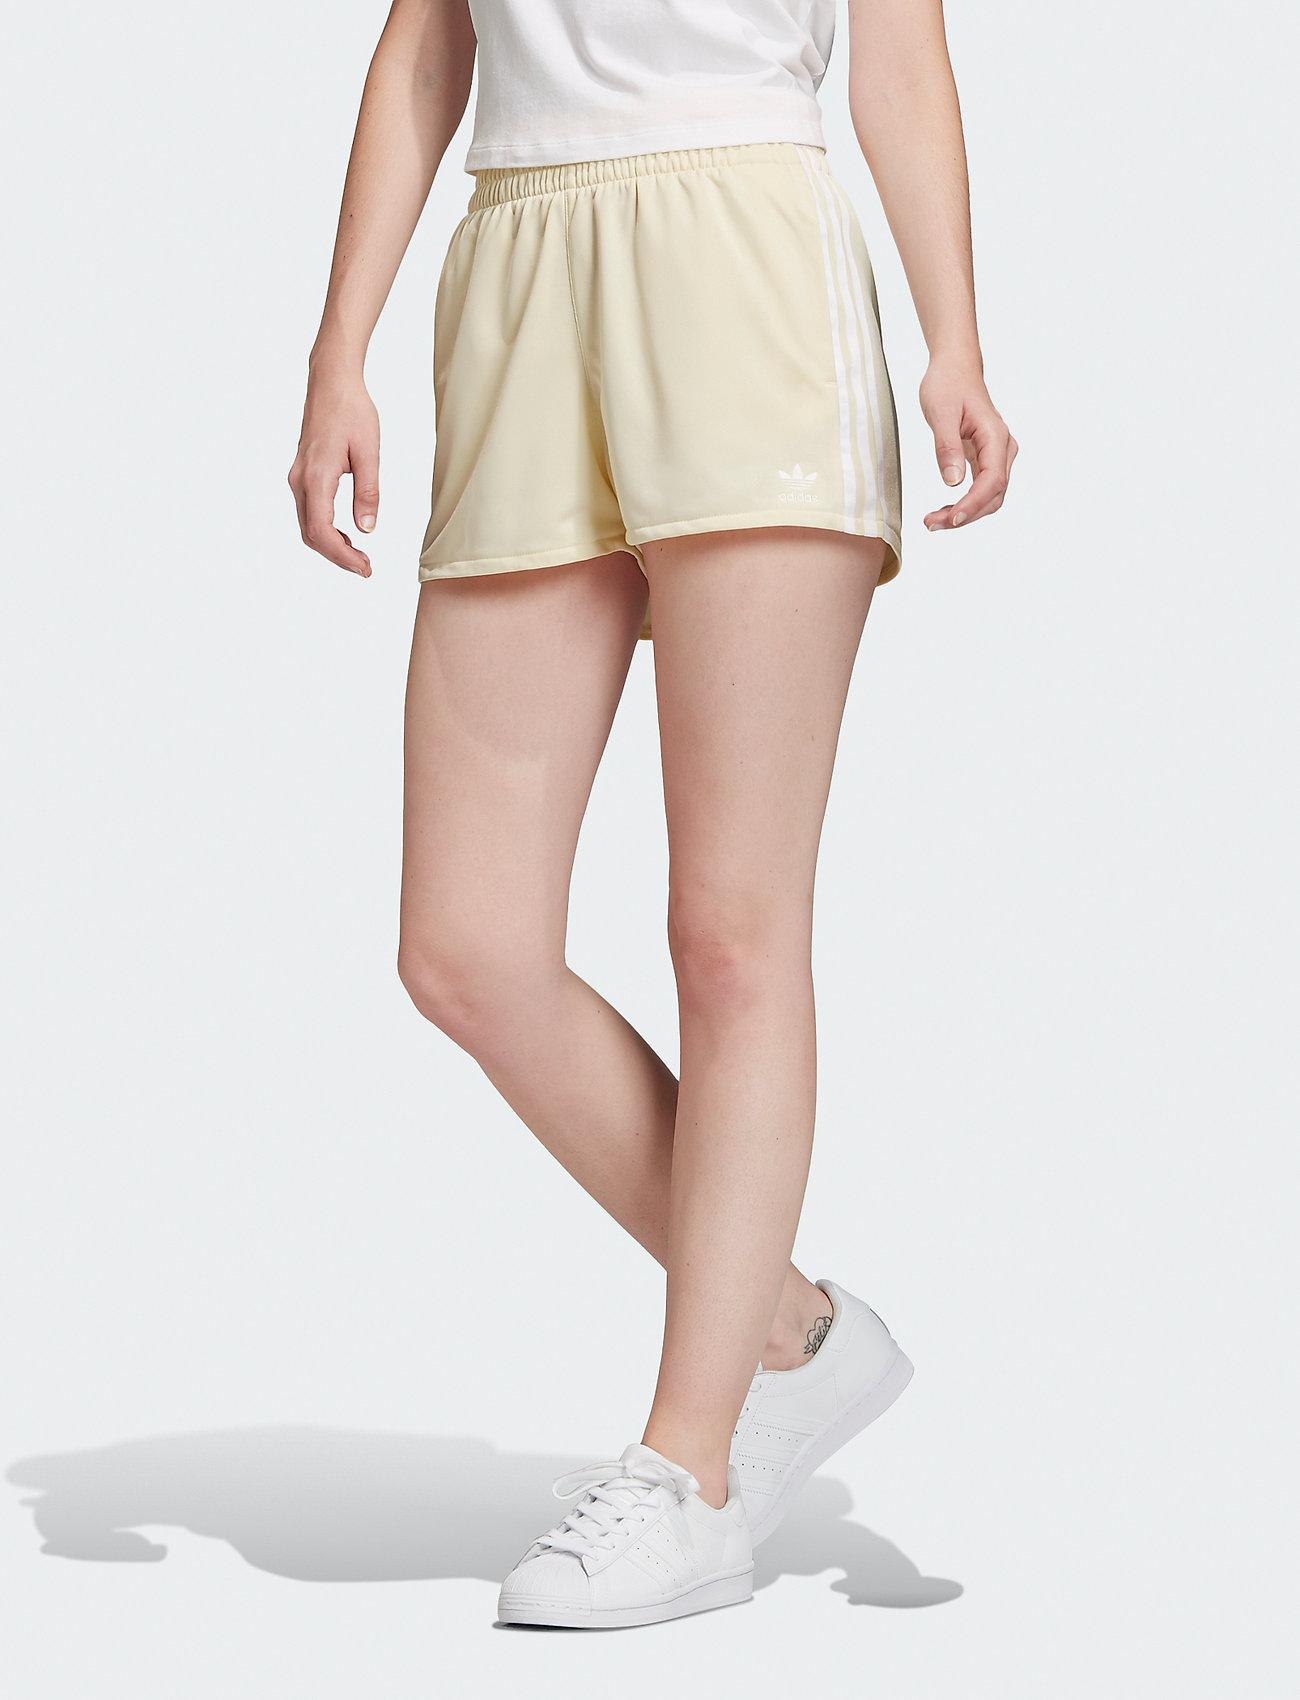 adidas Originals - 3 STR SHORT - easyel/white - 0